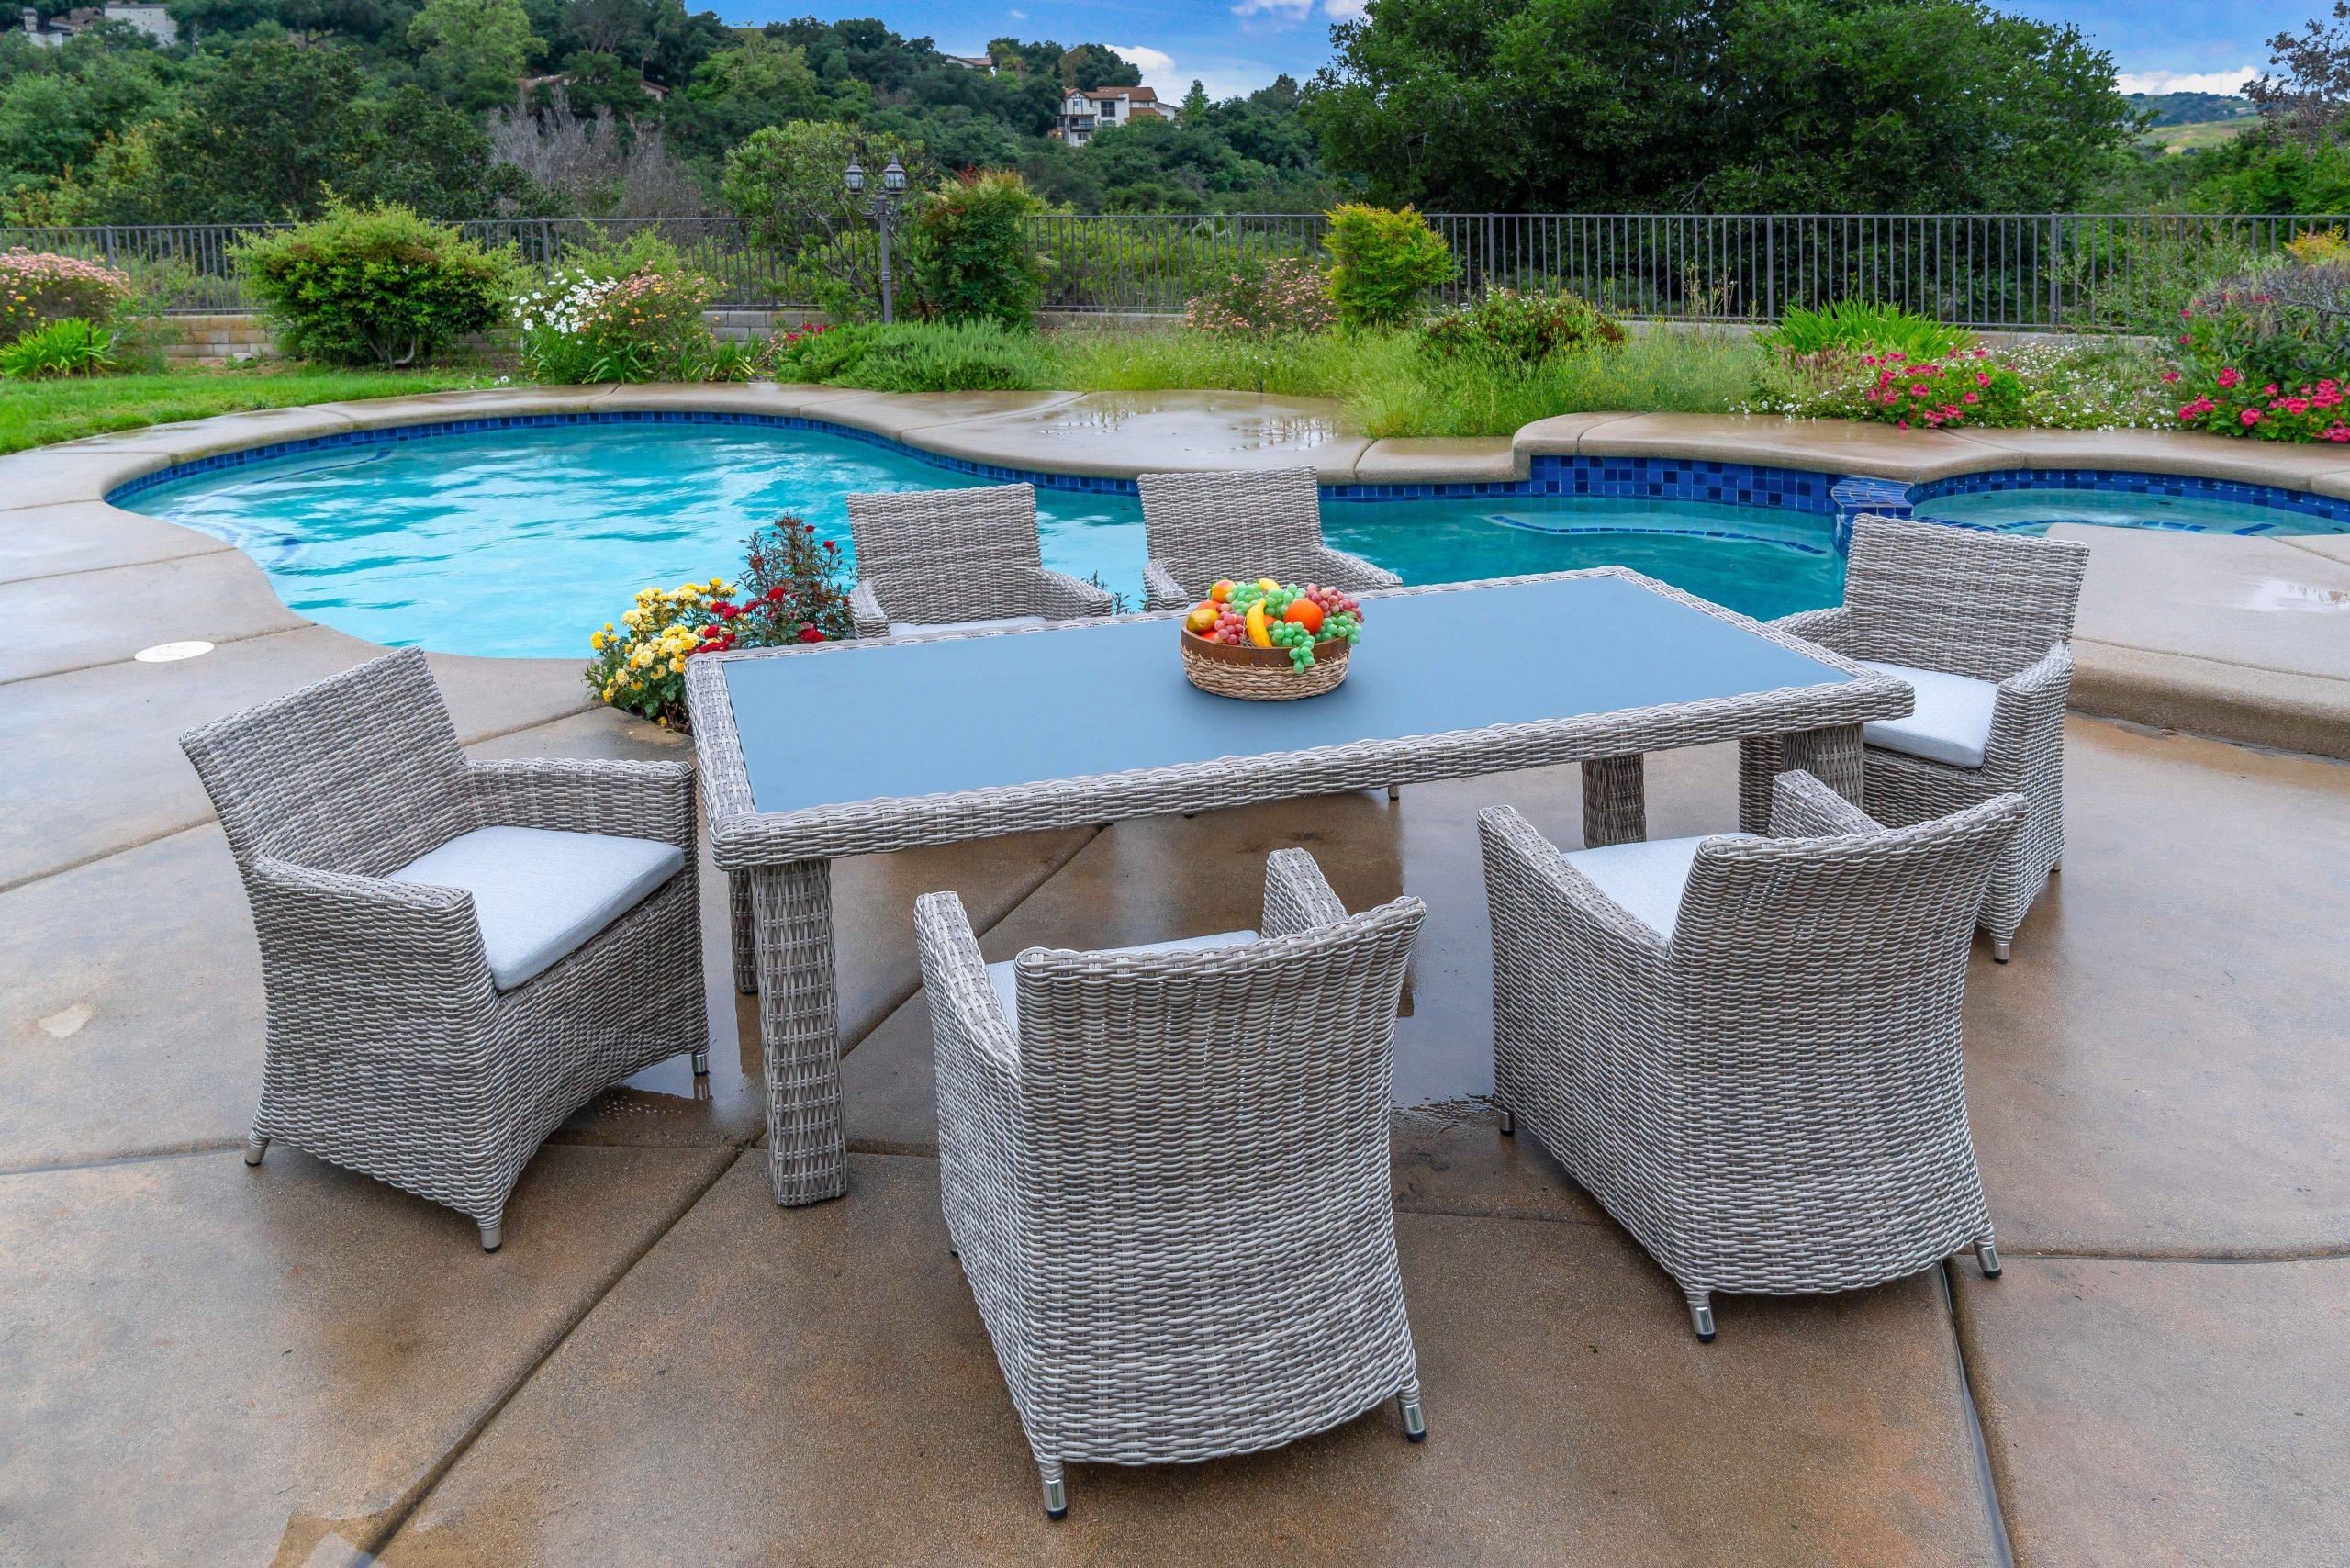 Outdoor Patio Furniture Wicker Resin